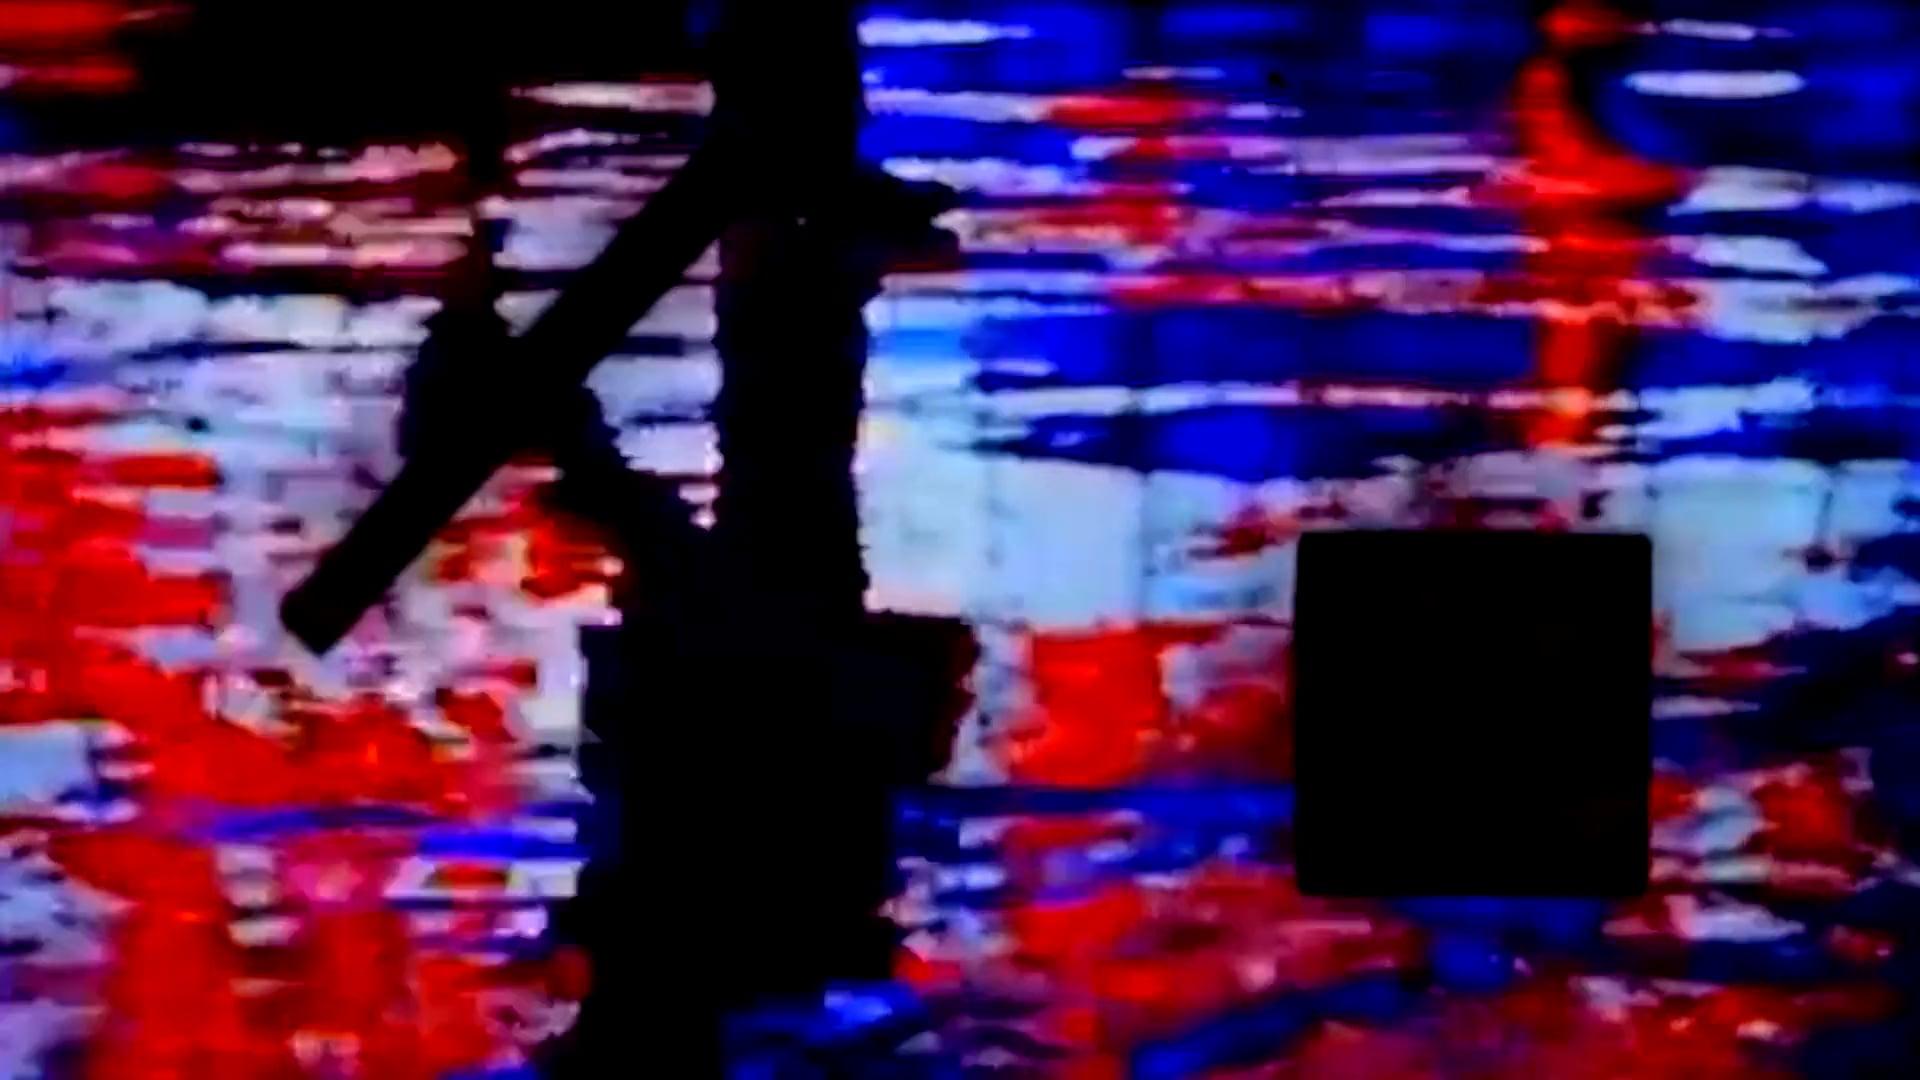 Cosey Fanni Tutti Remix of Strangulation Day - TOY